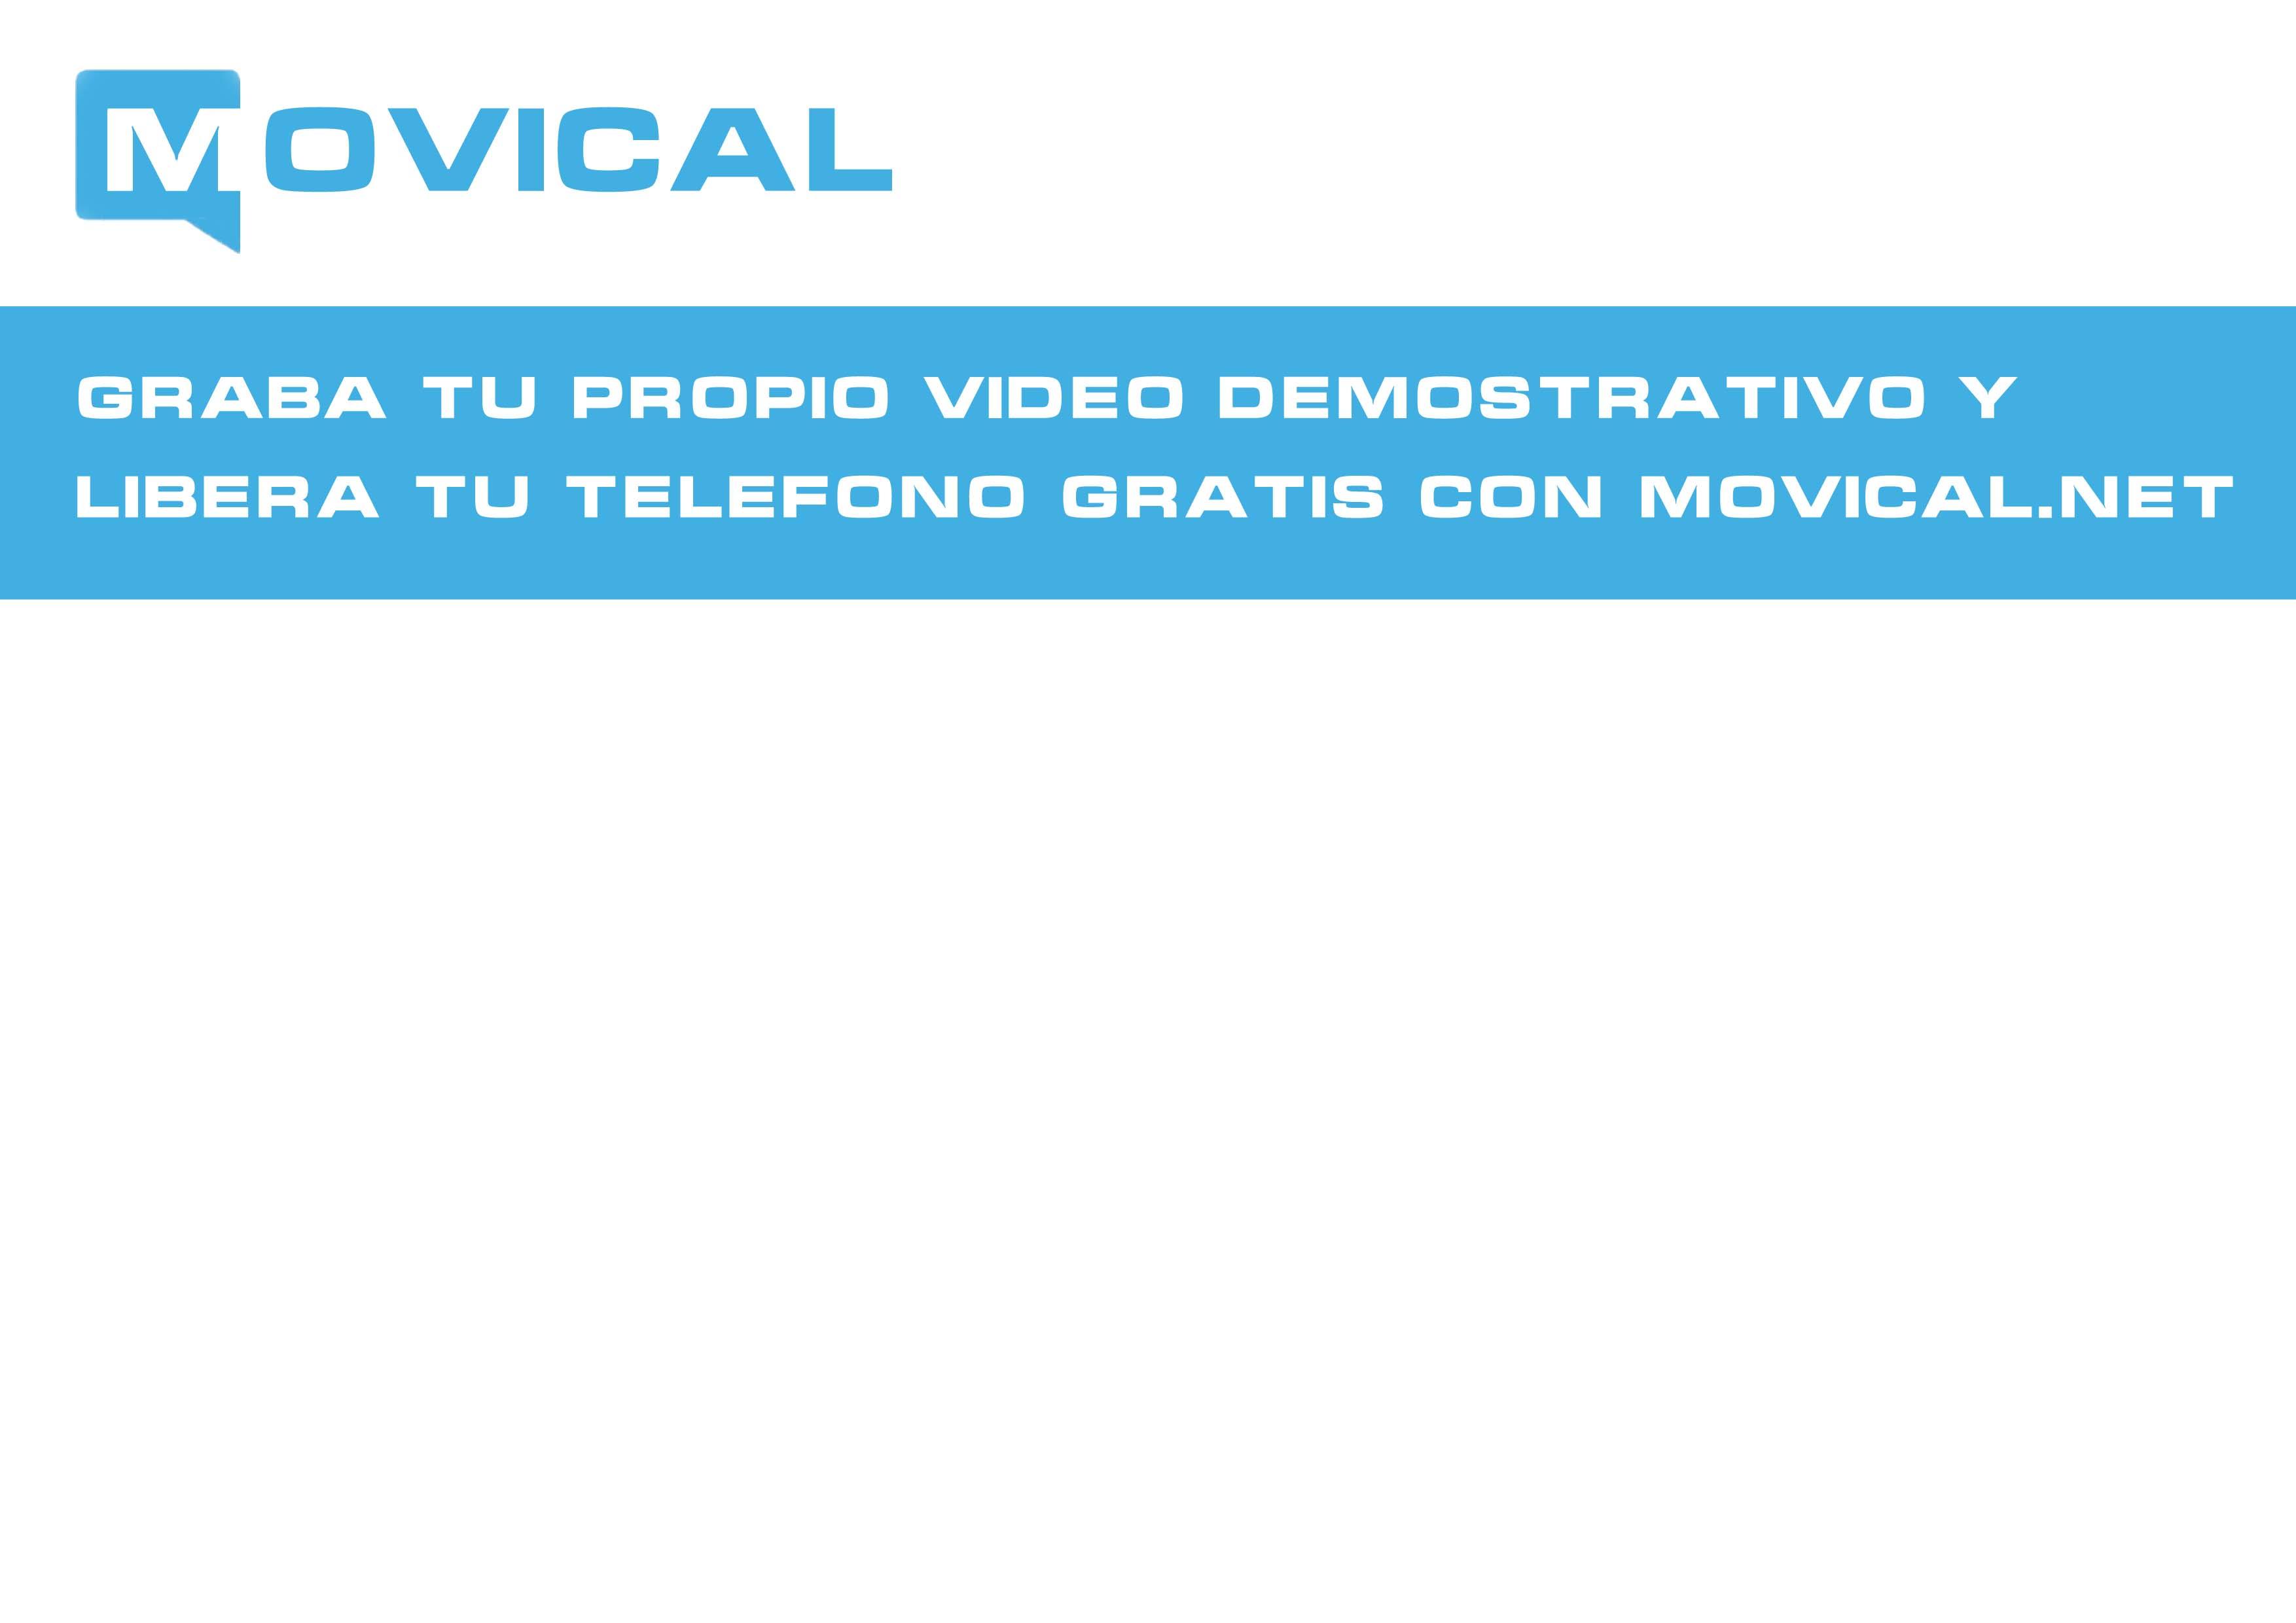 Liberar celulares gratis samsung lg sony nokia htc - Movical net liberar ...